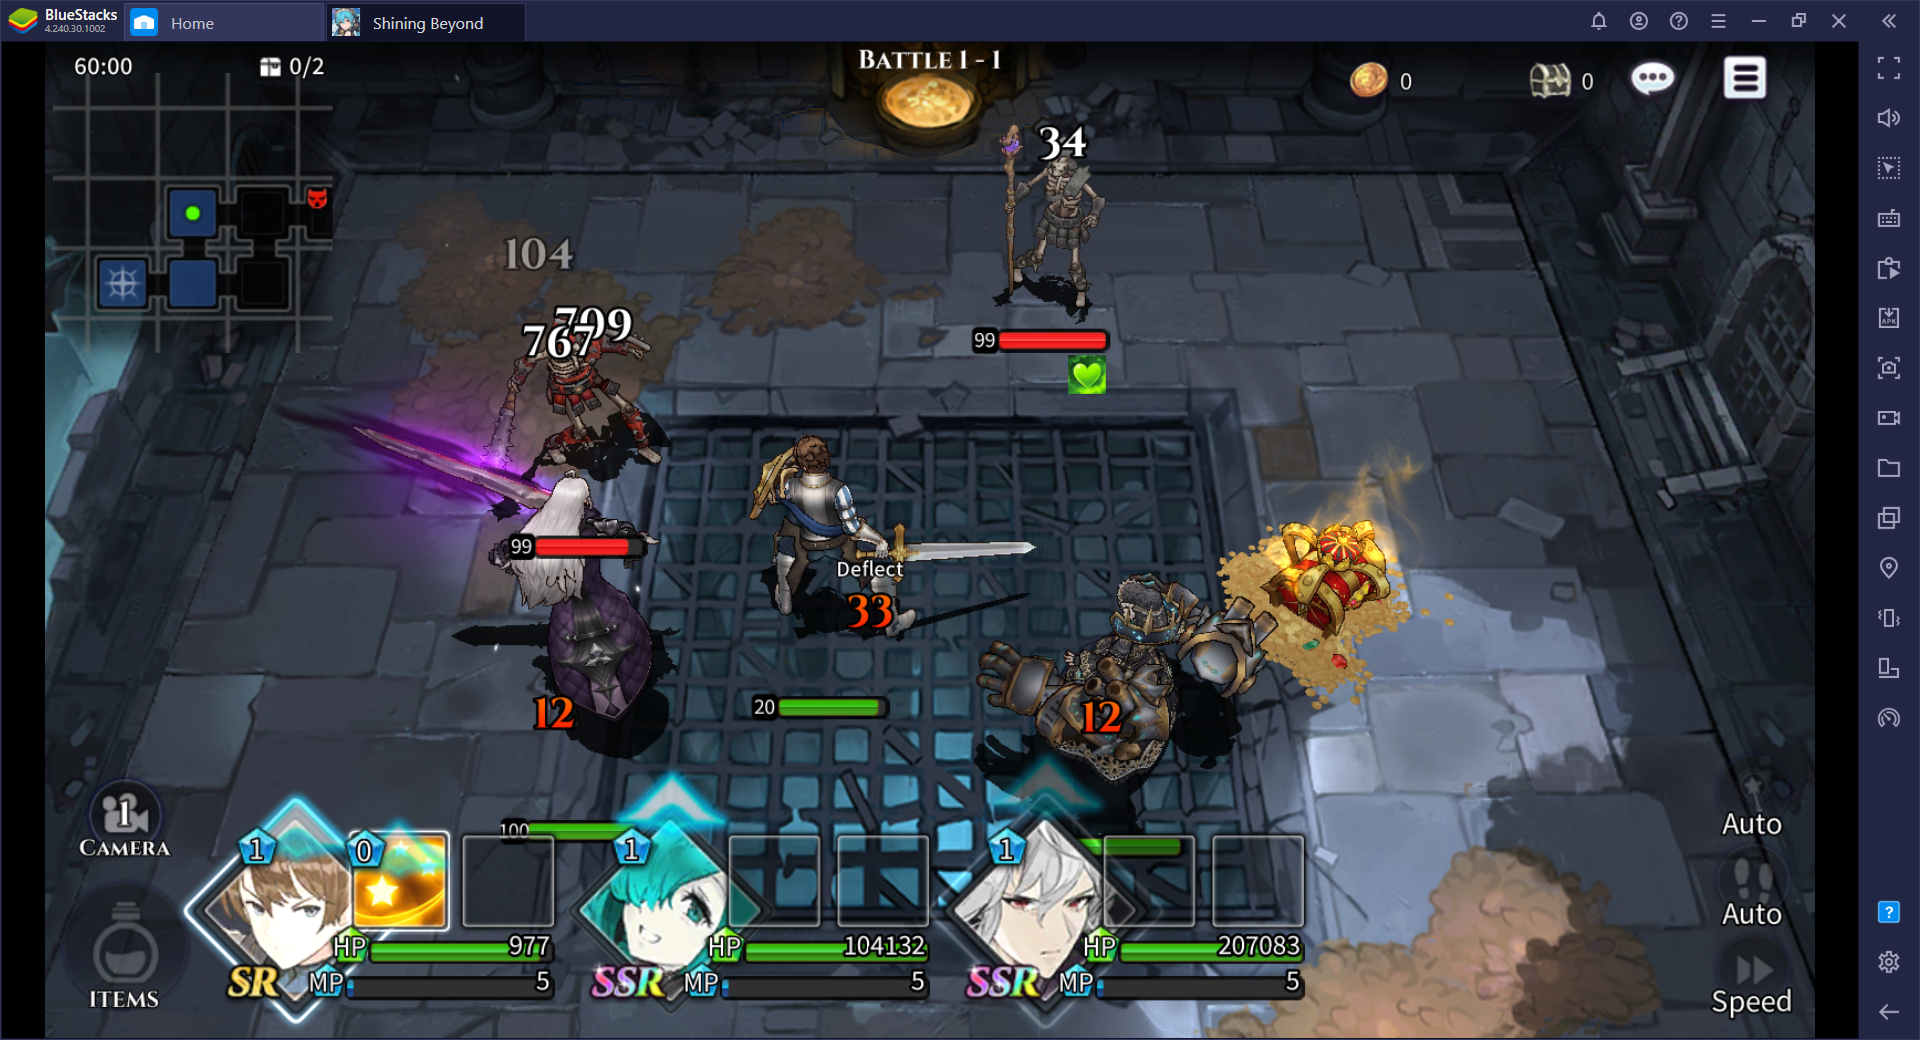 Shining Beyond di PC – Nikmati Action RPG Baru Dari Tim Dev 'Valiant Force' di PC dengan BlueStacks